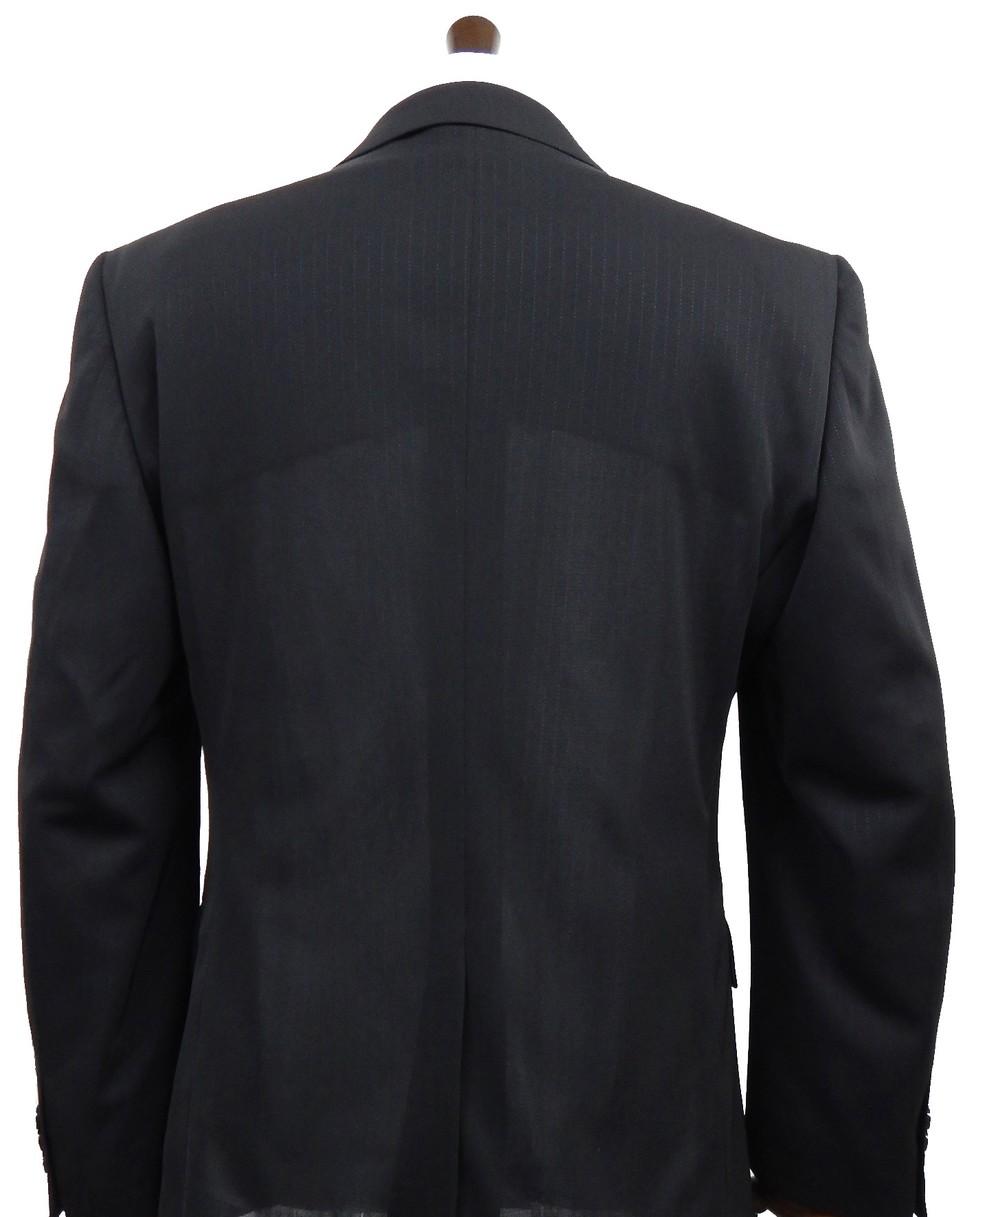 新開発素材のクールビズスーツ 「自宅で洗えて臭い対策も安心」